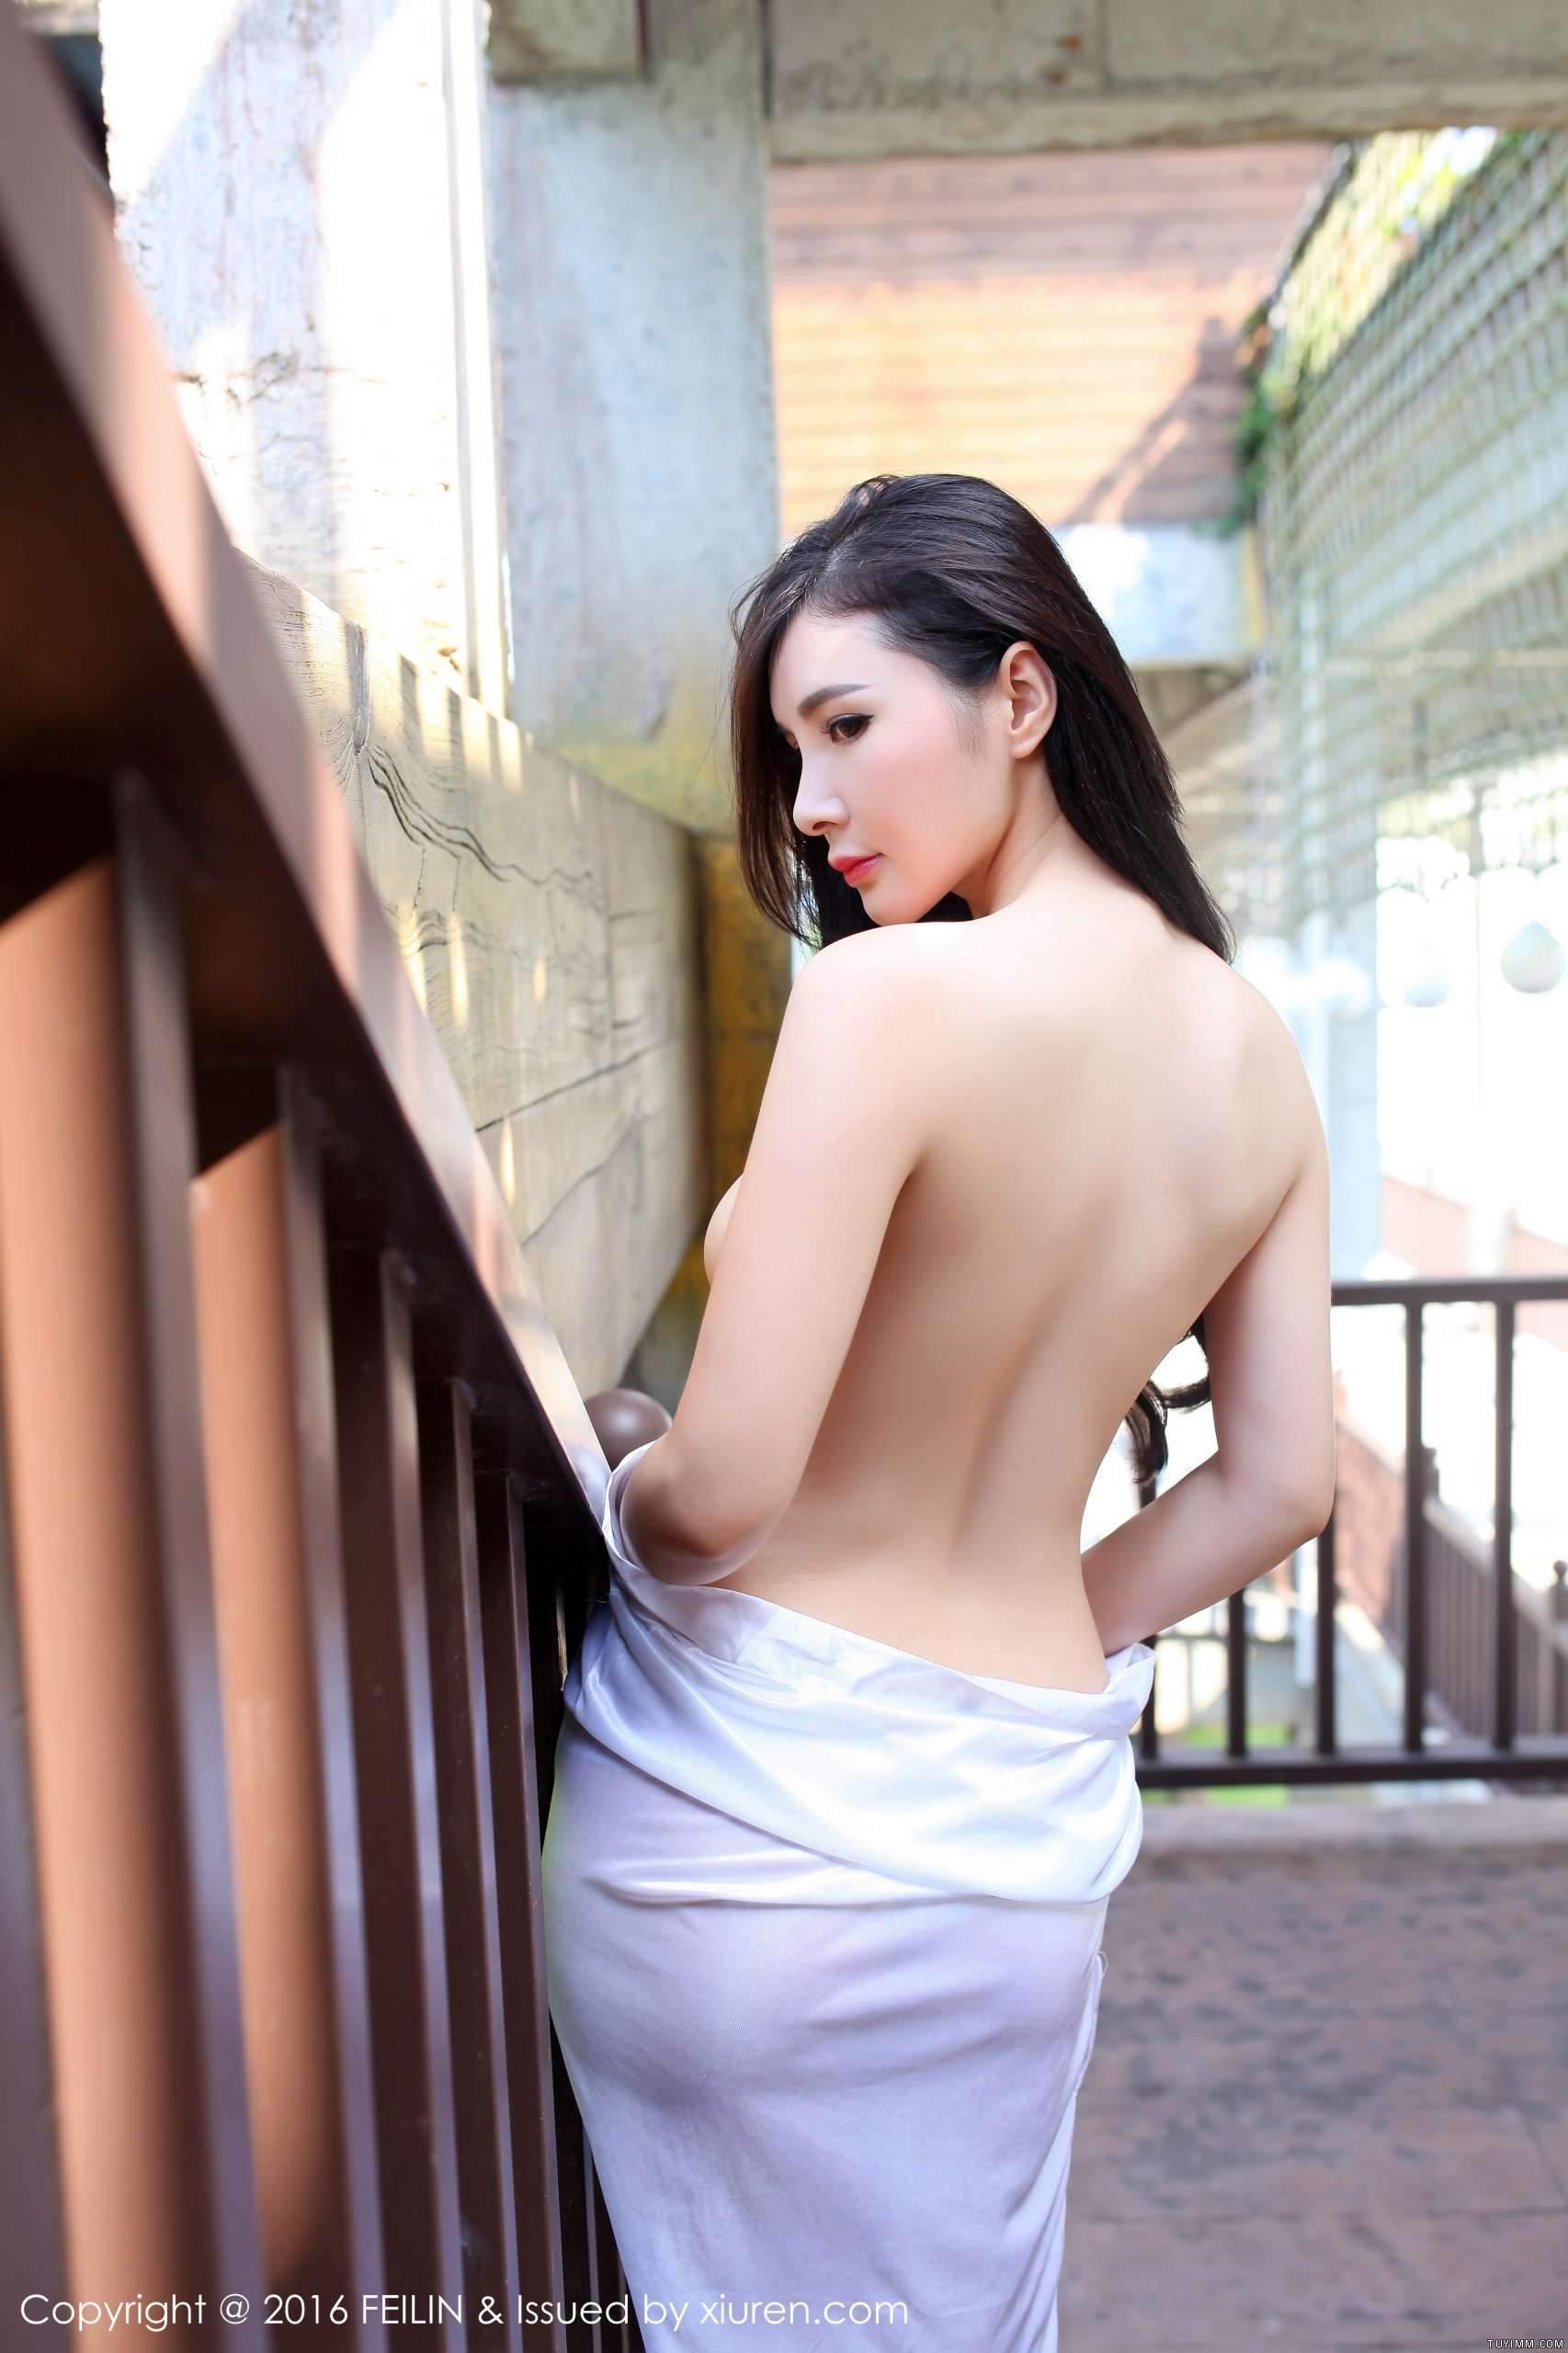 [福利]-顾欣怡-FEILIN嗲囡囡-第18张图片-哔哔娱乐网